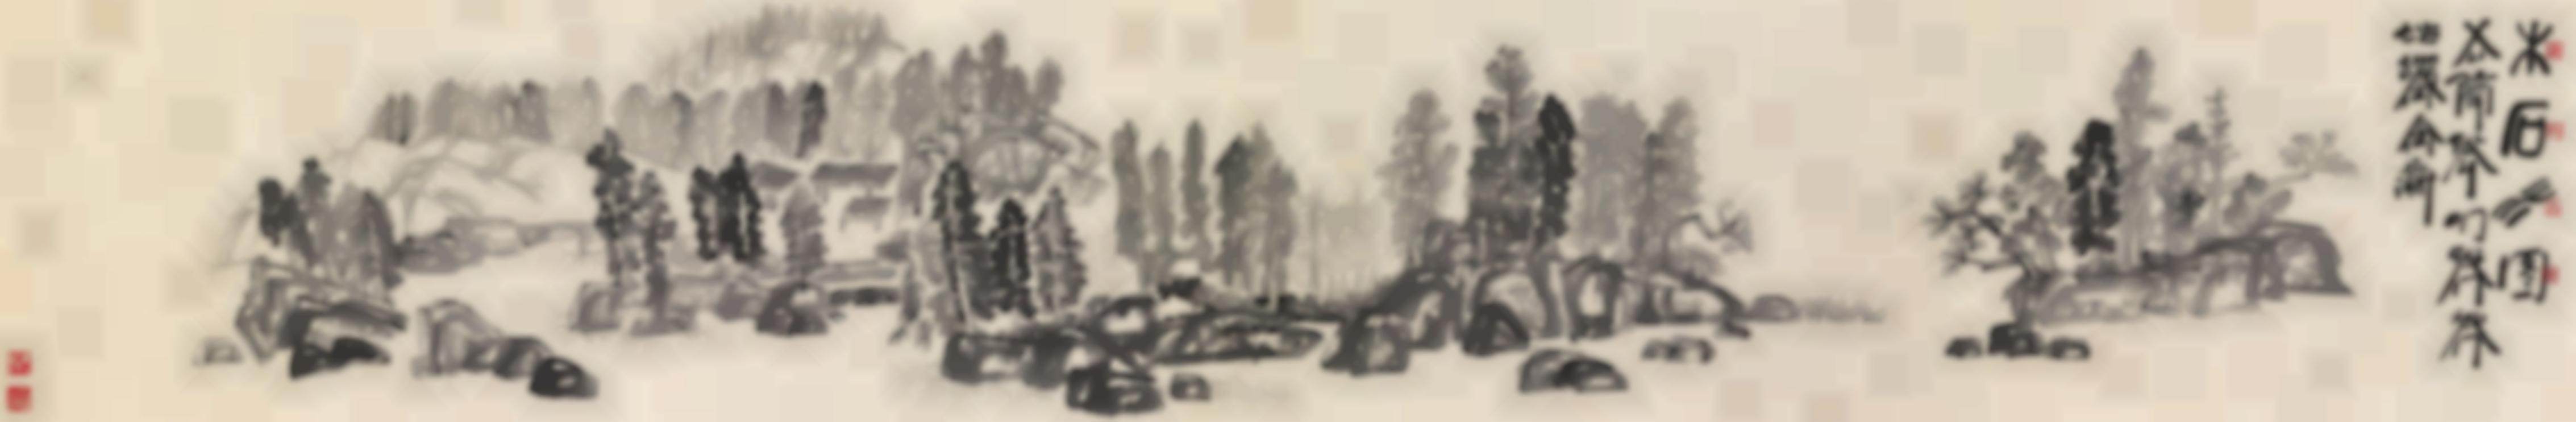 Xu Bing-Landscript-